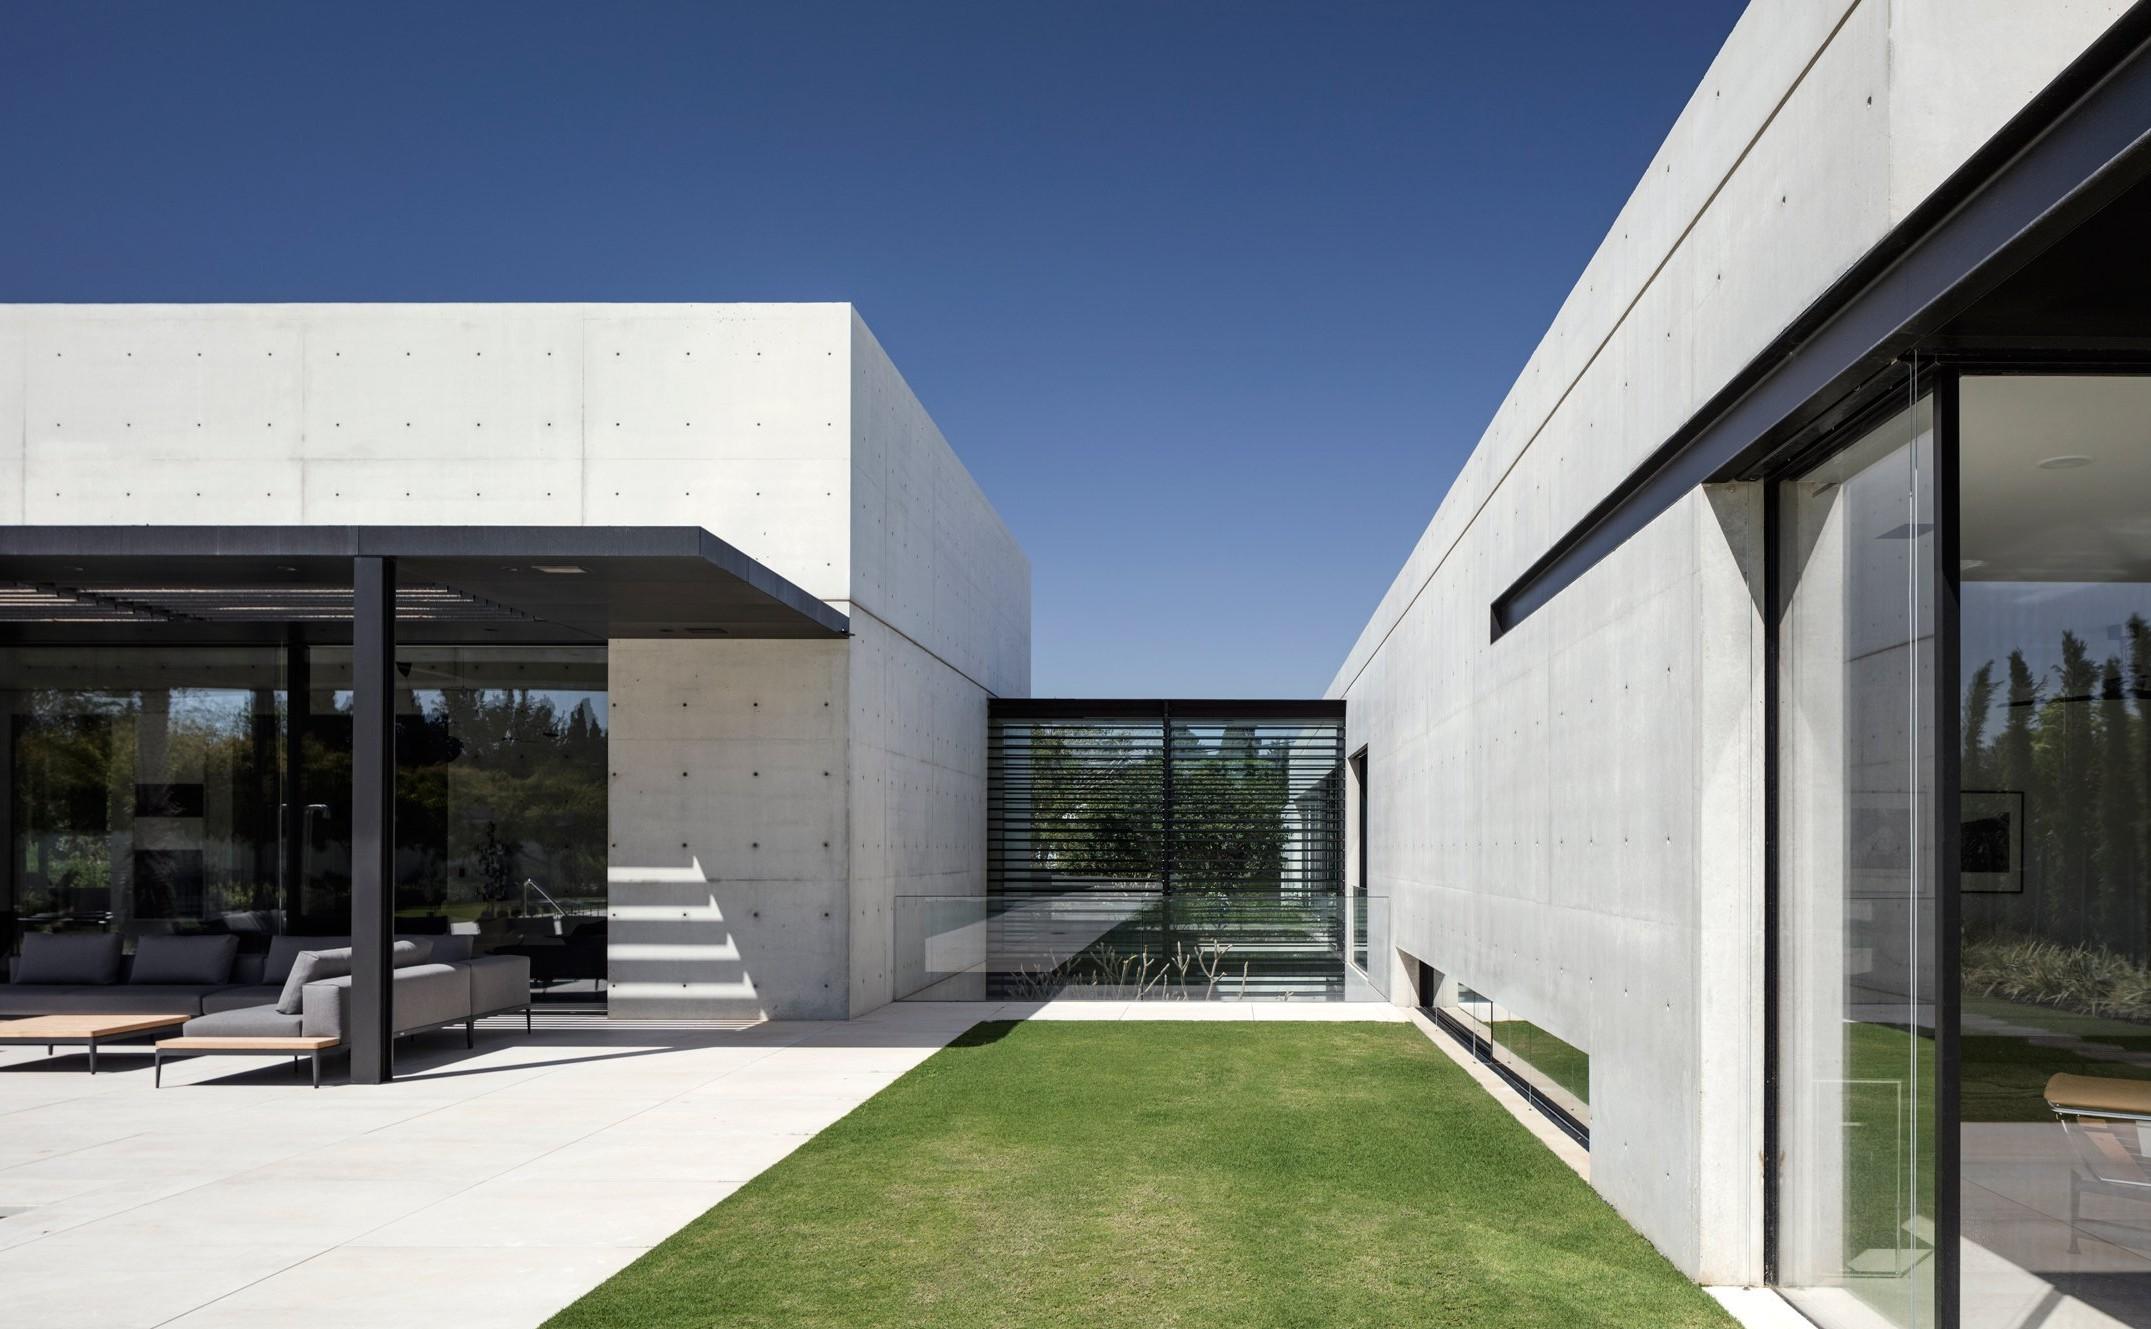 a-concrete-composition-studio-de-lange-architecture-residential-israel_dezeen_hero